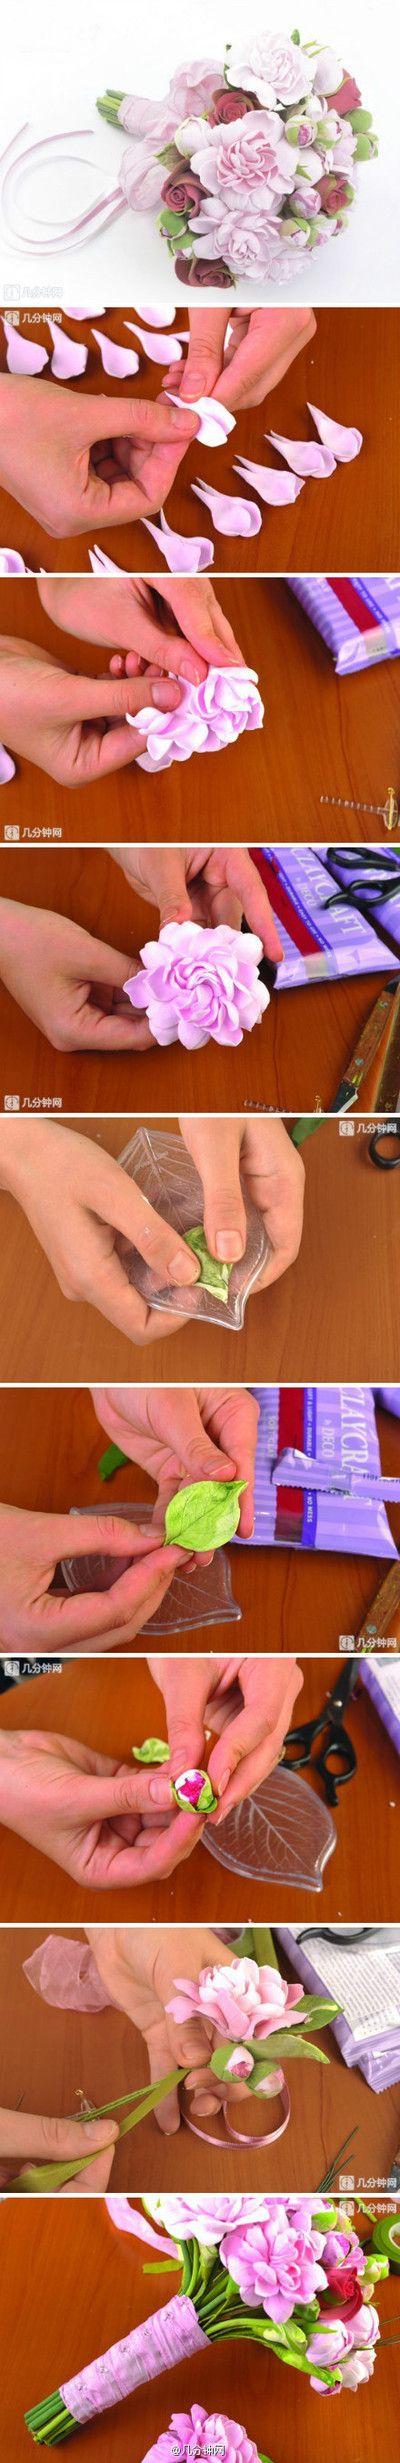 #几分钟手工# 用软陶也可以做出好看的花束 - 堆糖 发现生活_收集美好_分享图片